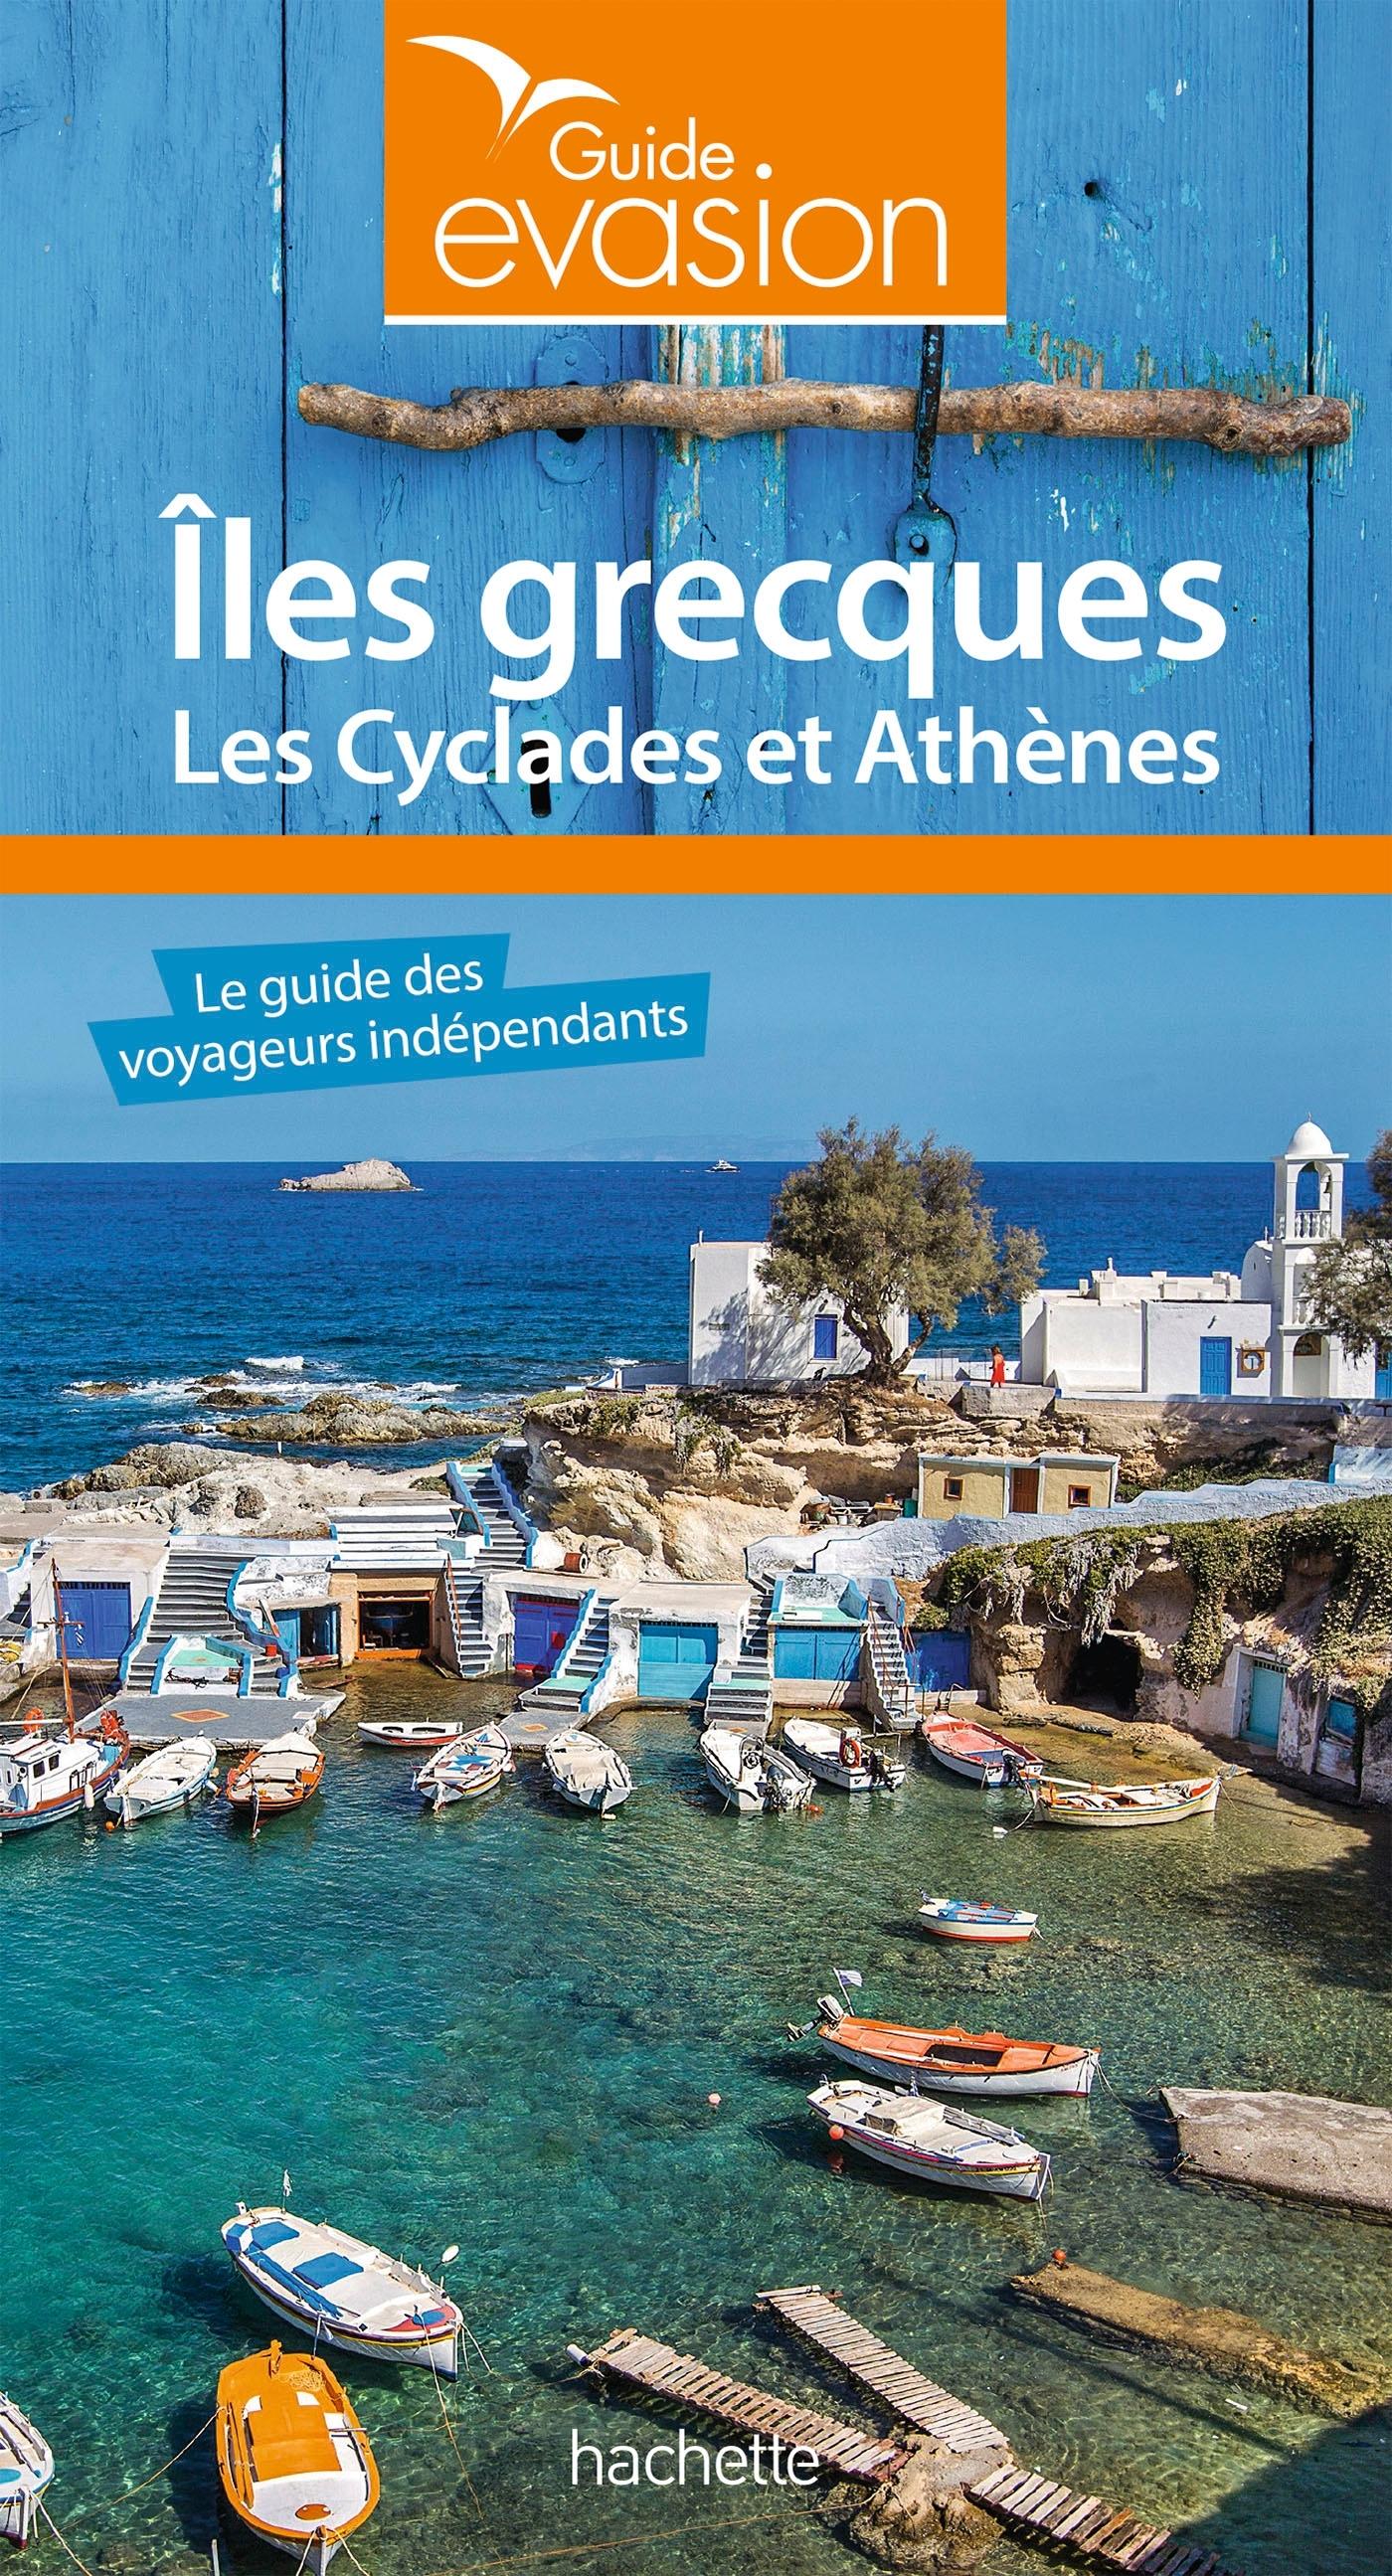 GUIDE EVASION ILES GRECQUES - ILES CYCLADES ET ATHENES